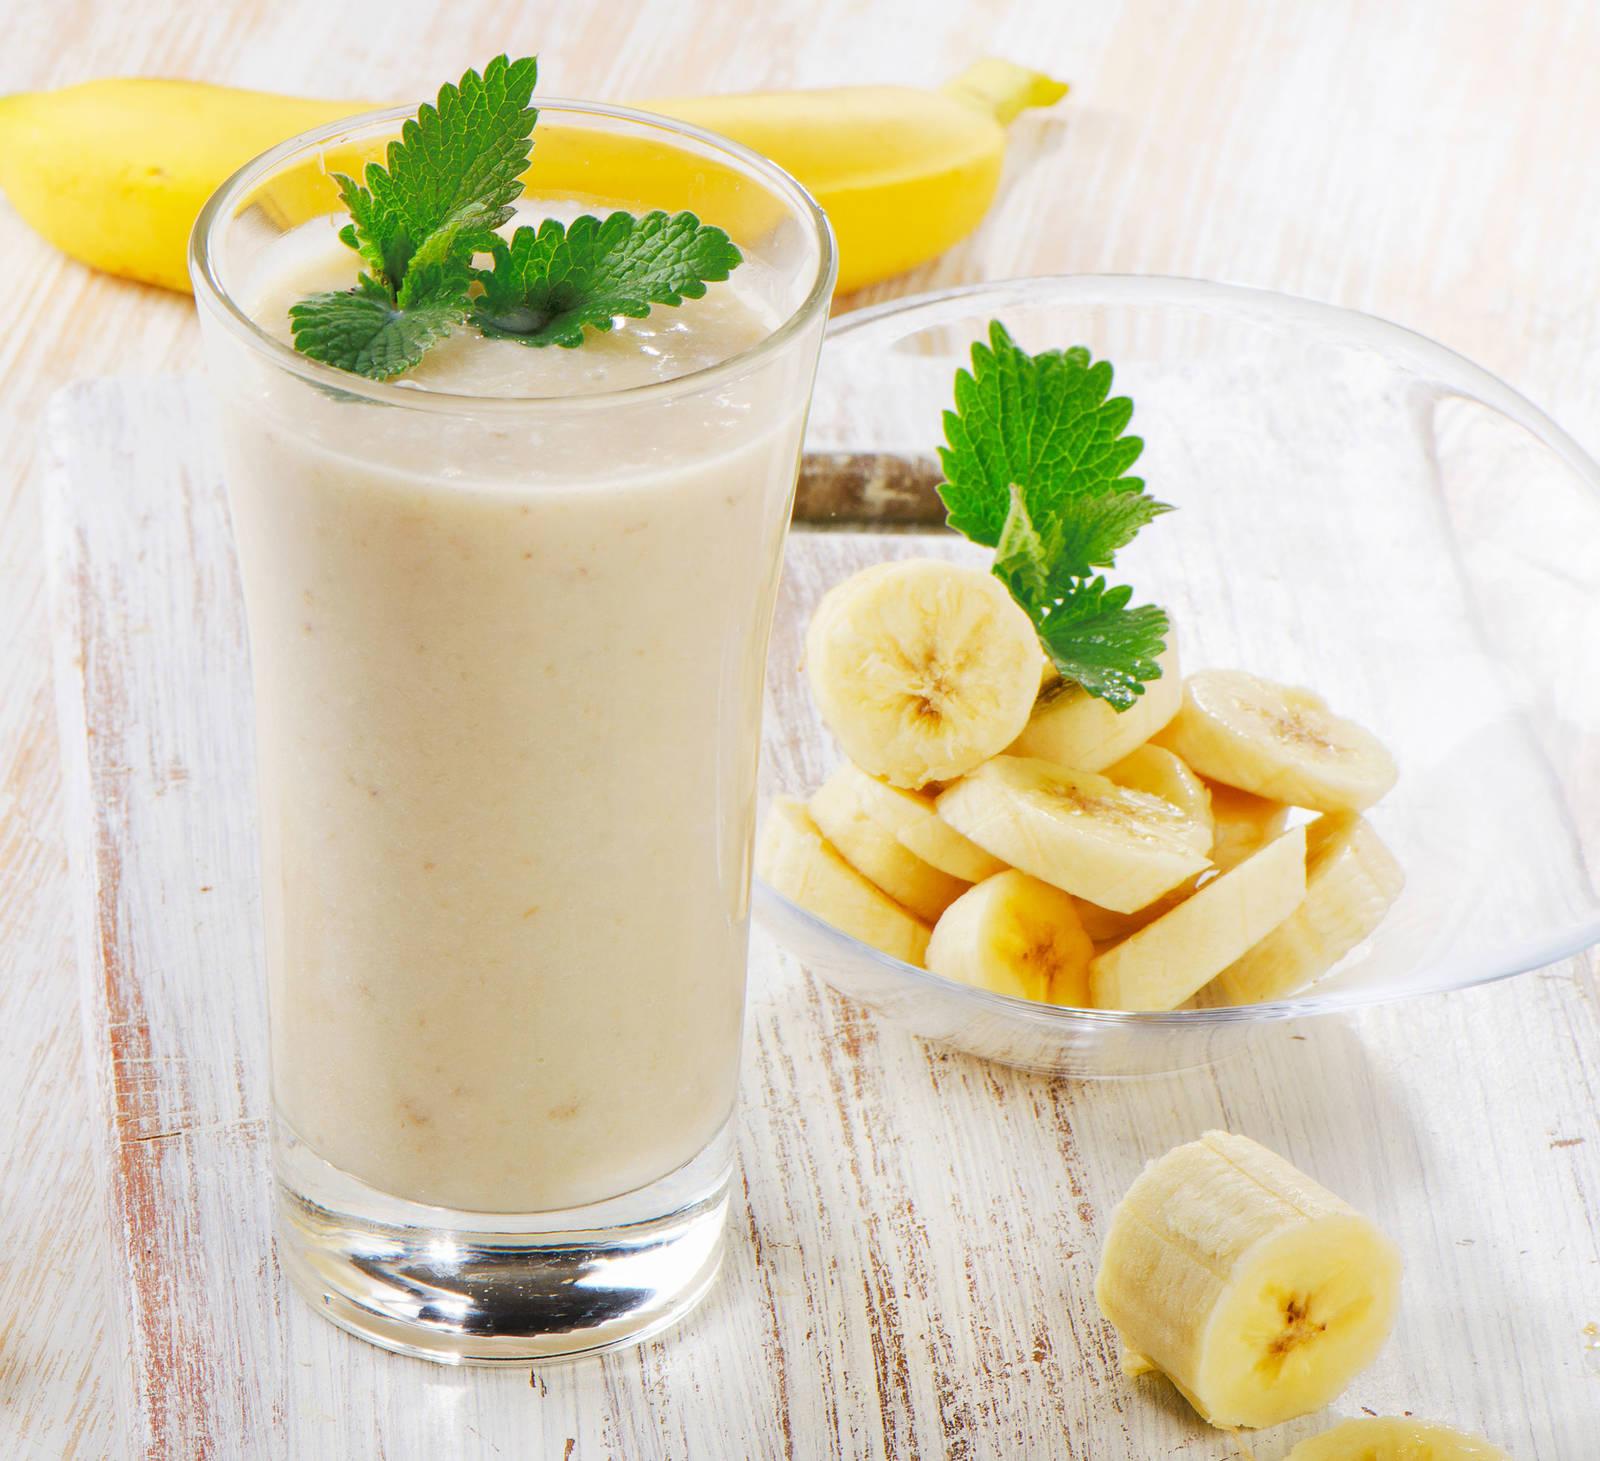 香蕉--「A banana a day keeps psychiatrists away.」